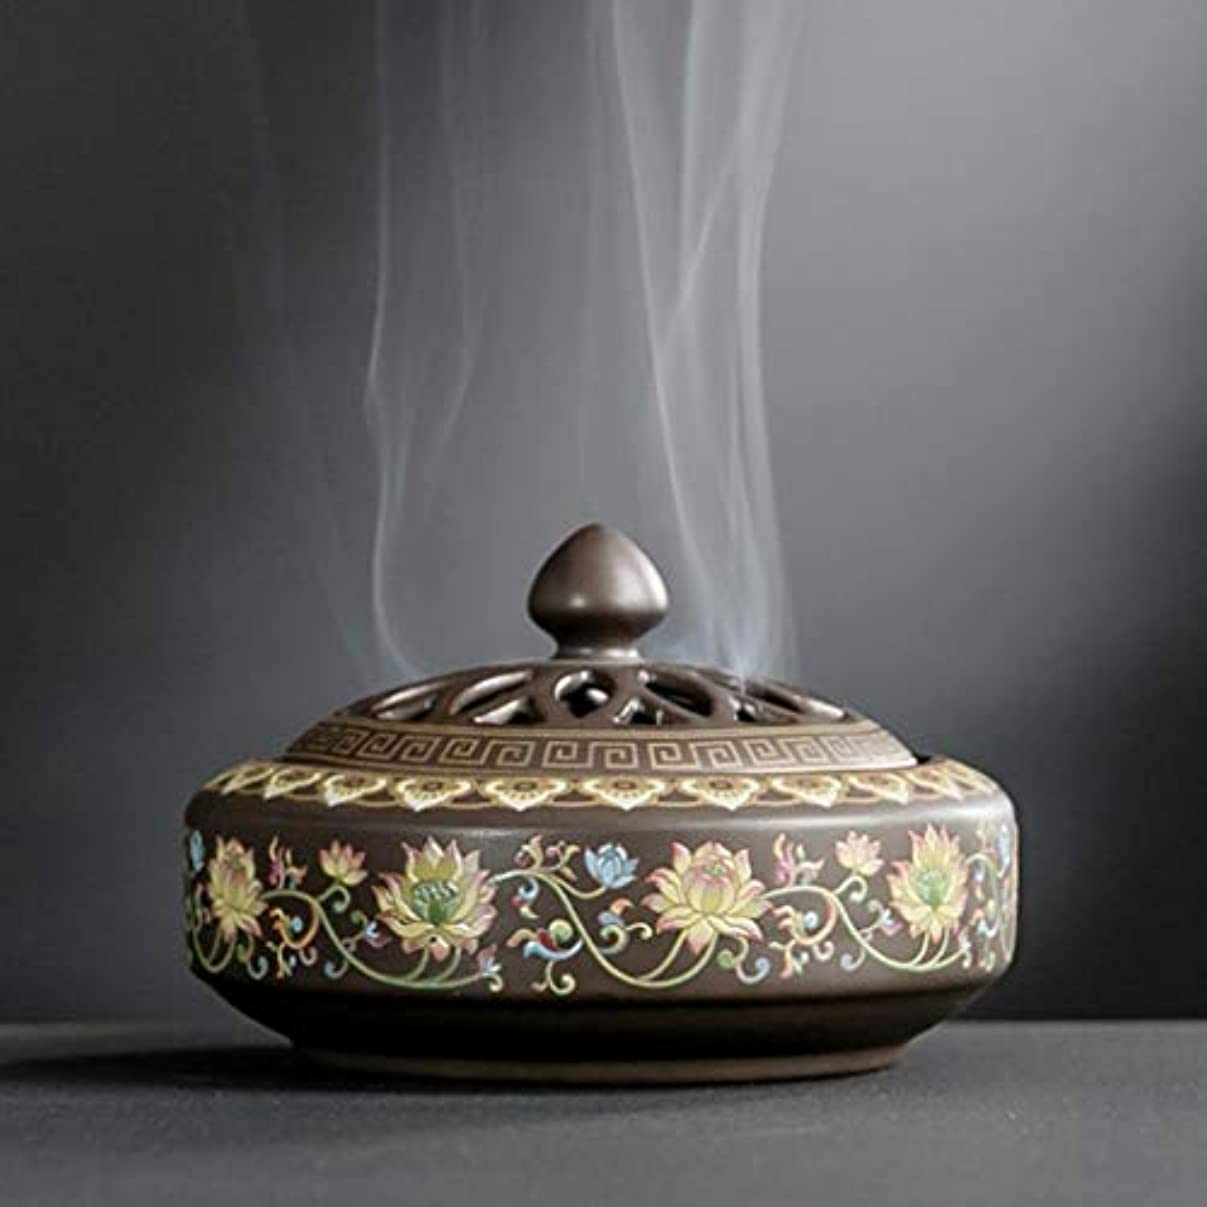 印をつける旅行腐食するYONIK 香炉 渦巻き線香ホルダー 蚊取り線香ホルダー 線香入れ 磁器 香皿 蓋付き 難燃綿付き 和風